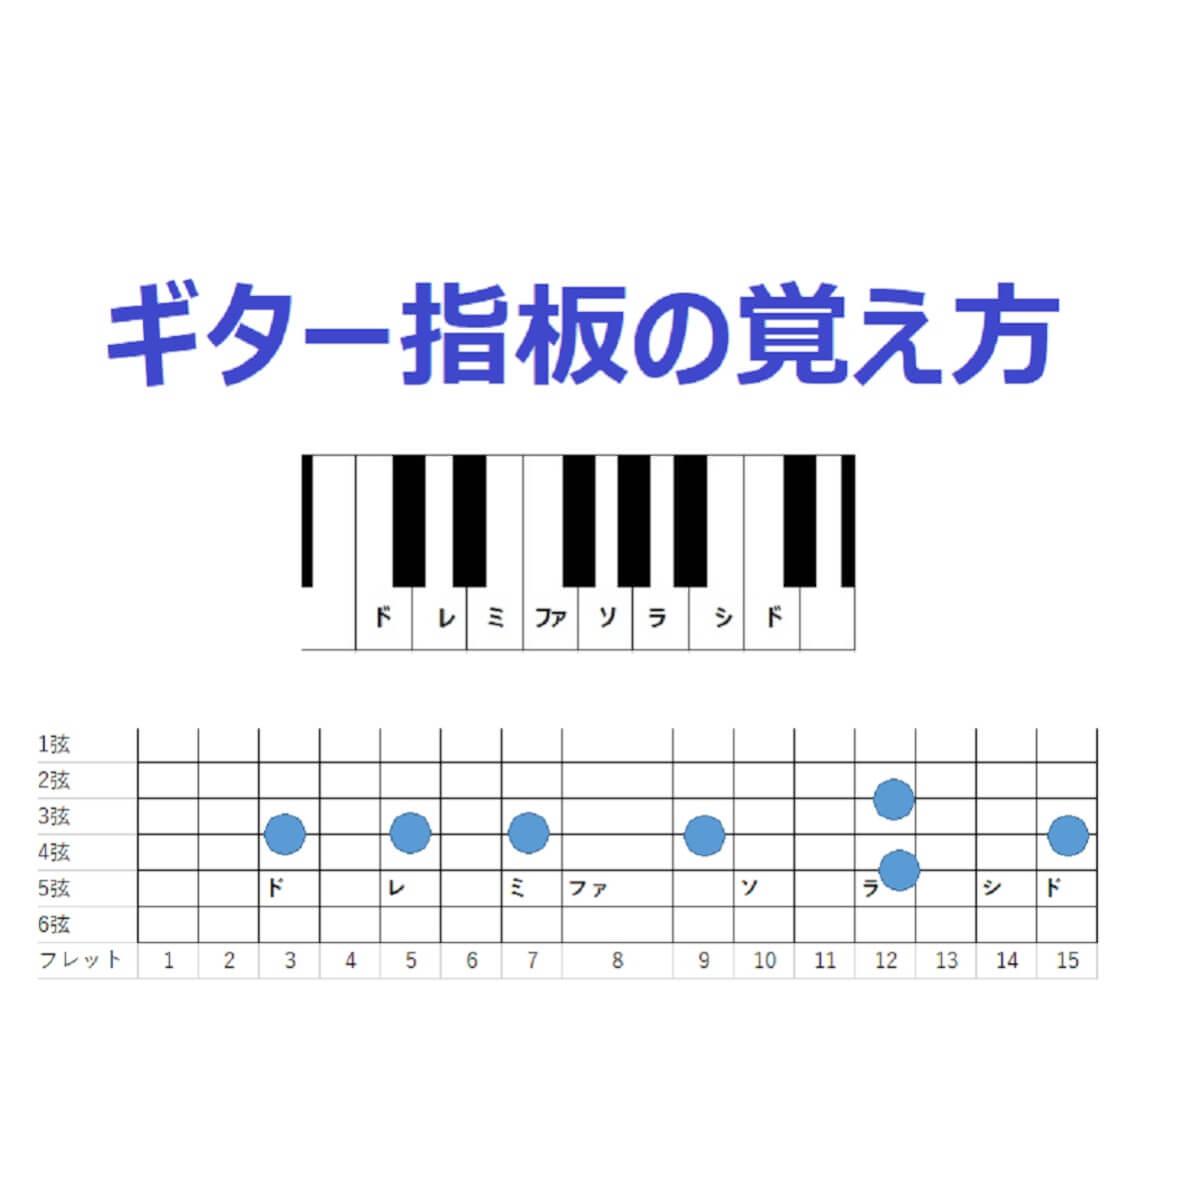 ギター指板の覚え方!基本的な6つのルールでパターンを覚えよう